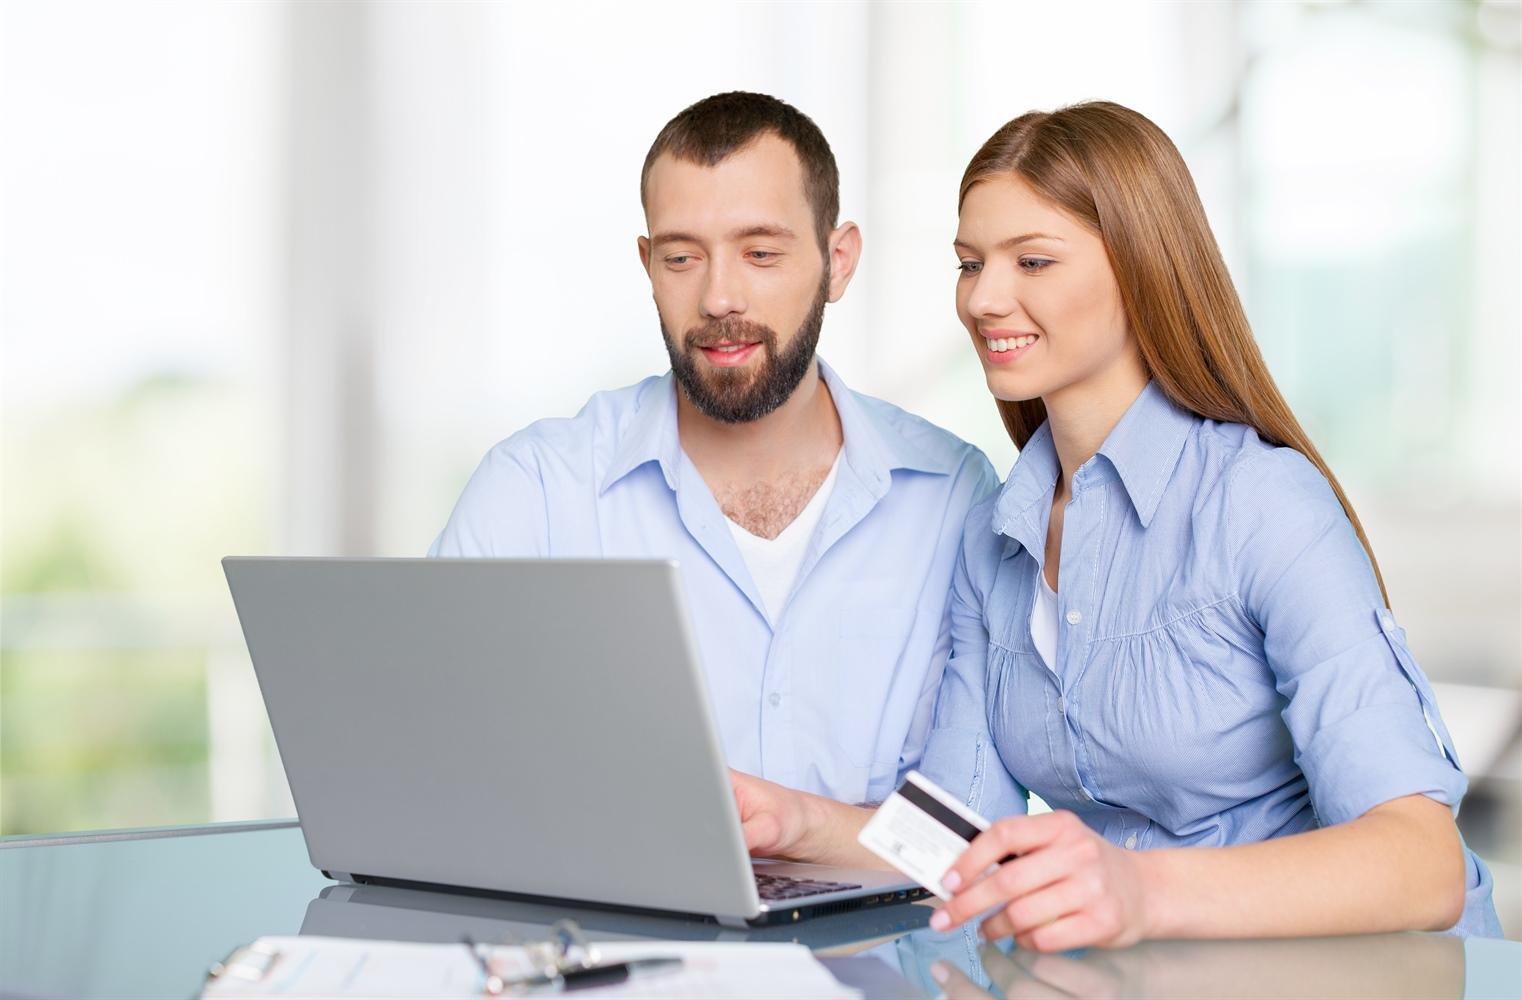 Klienci po migracji – nowy link do bankowości elektronicznej